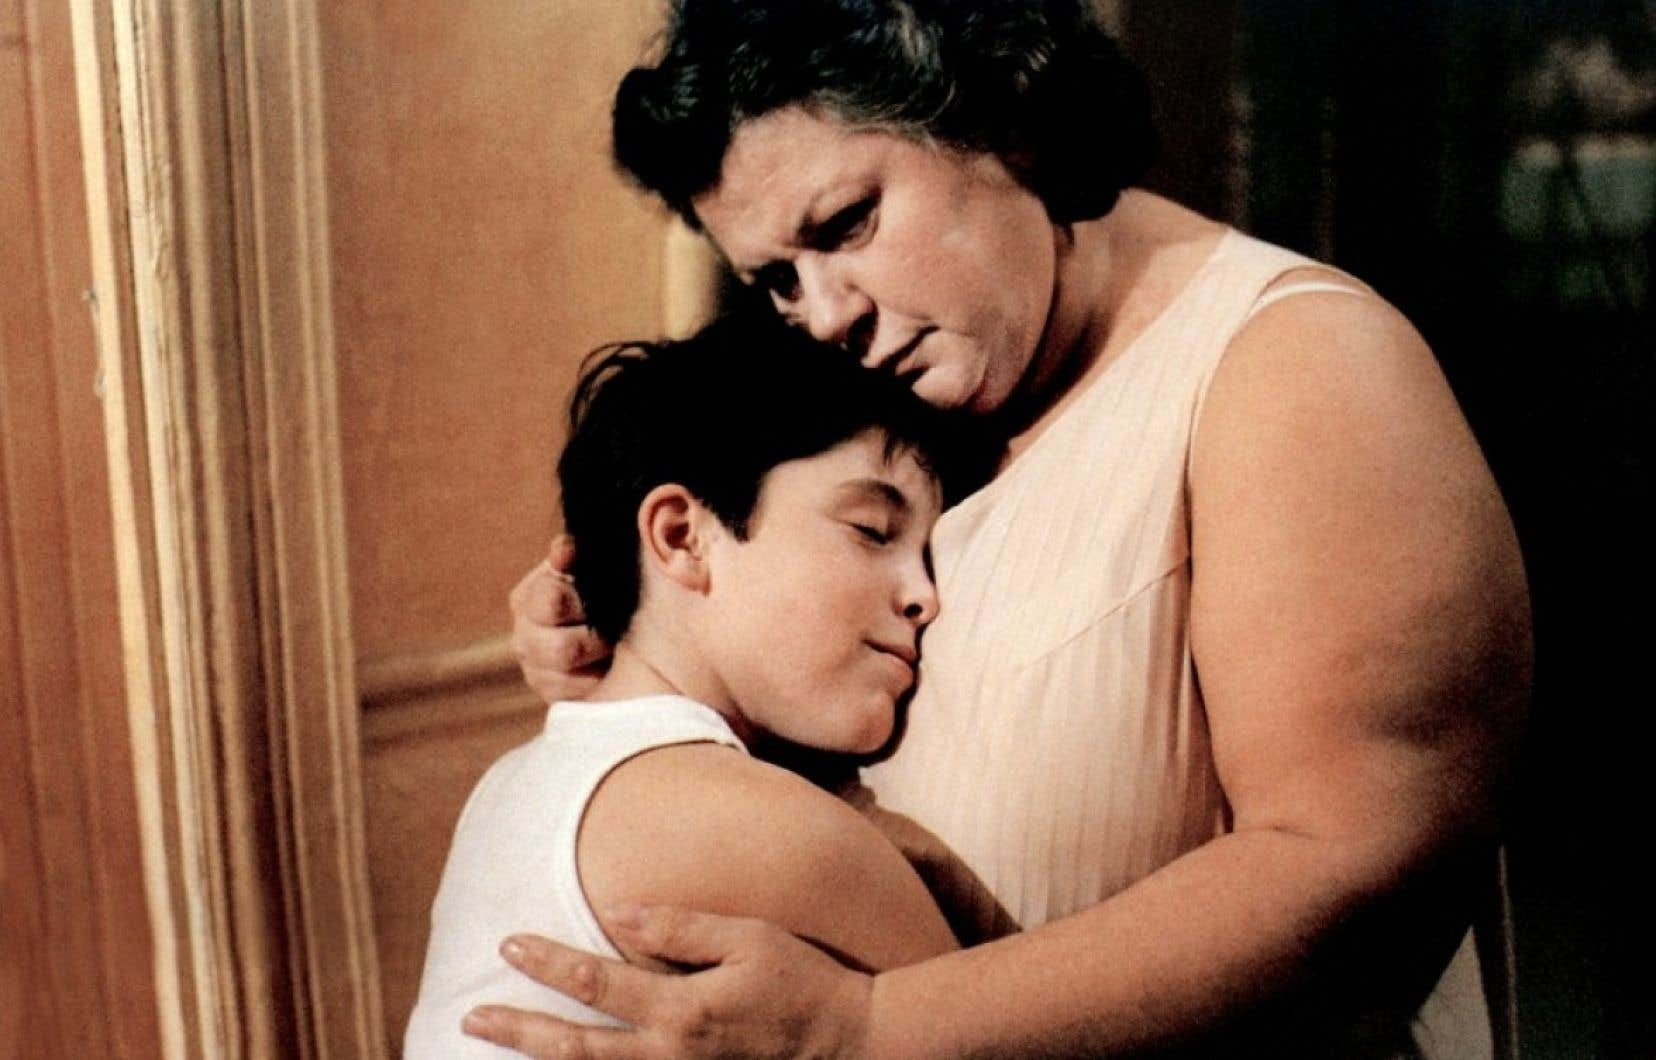 Inclassable, beau, profondément personnel, <em>Léolo</em> a été désigné l'un des 100 meilleurs films du monde par le magazine Time. Le défunt critique Roger Ebert comptait aussi parmi ses plus ardents admirateurs.